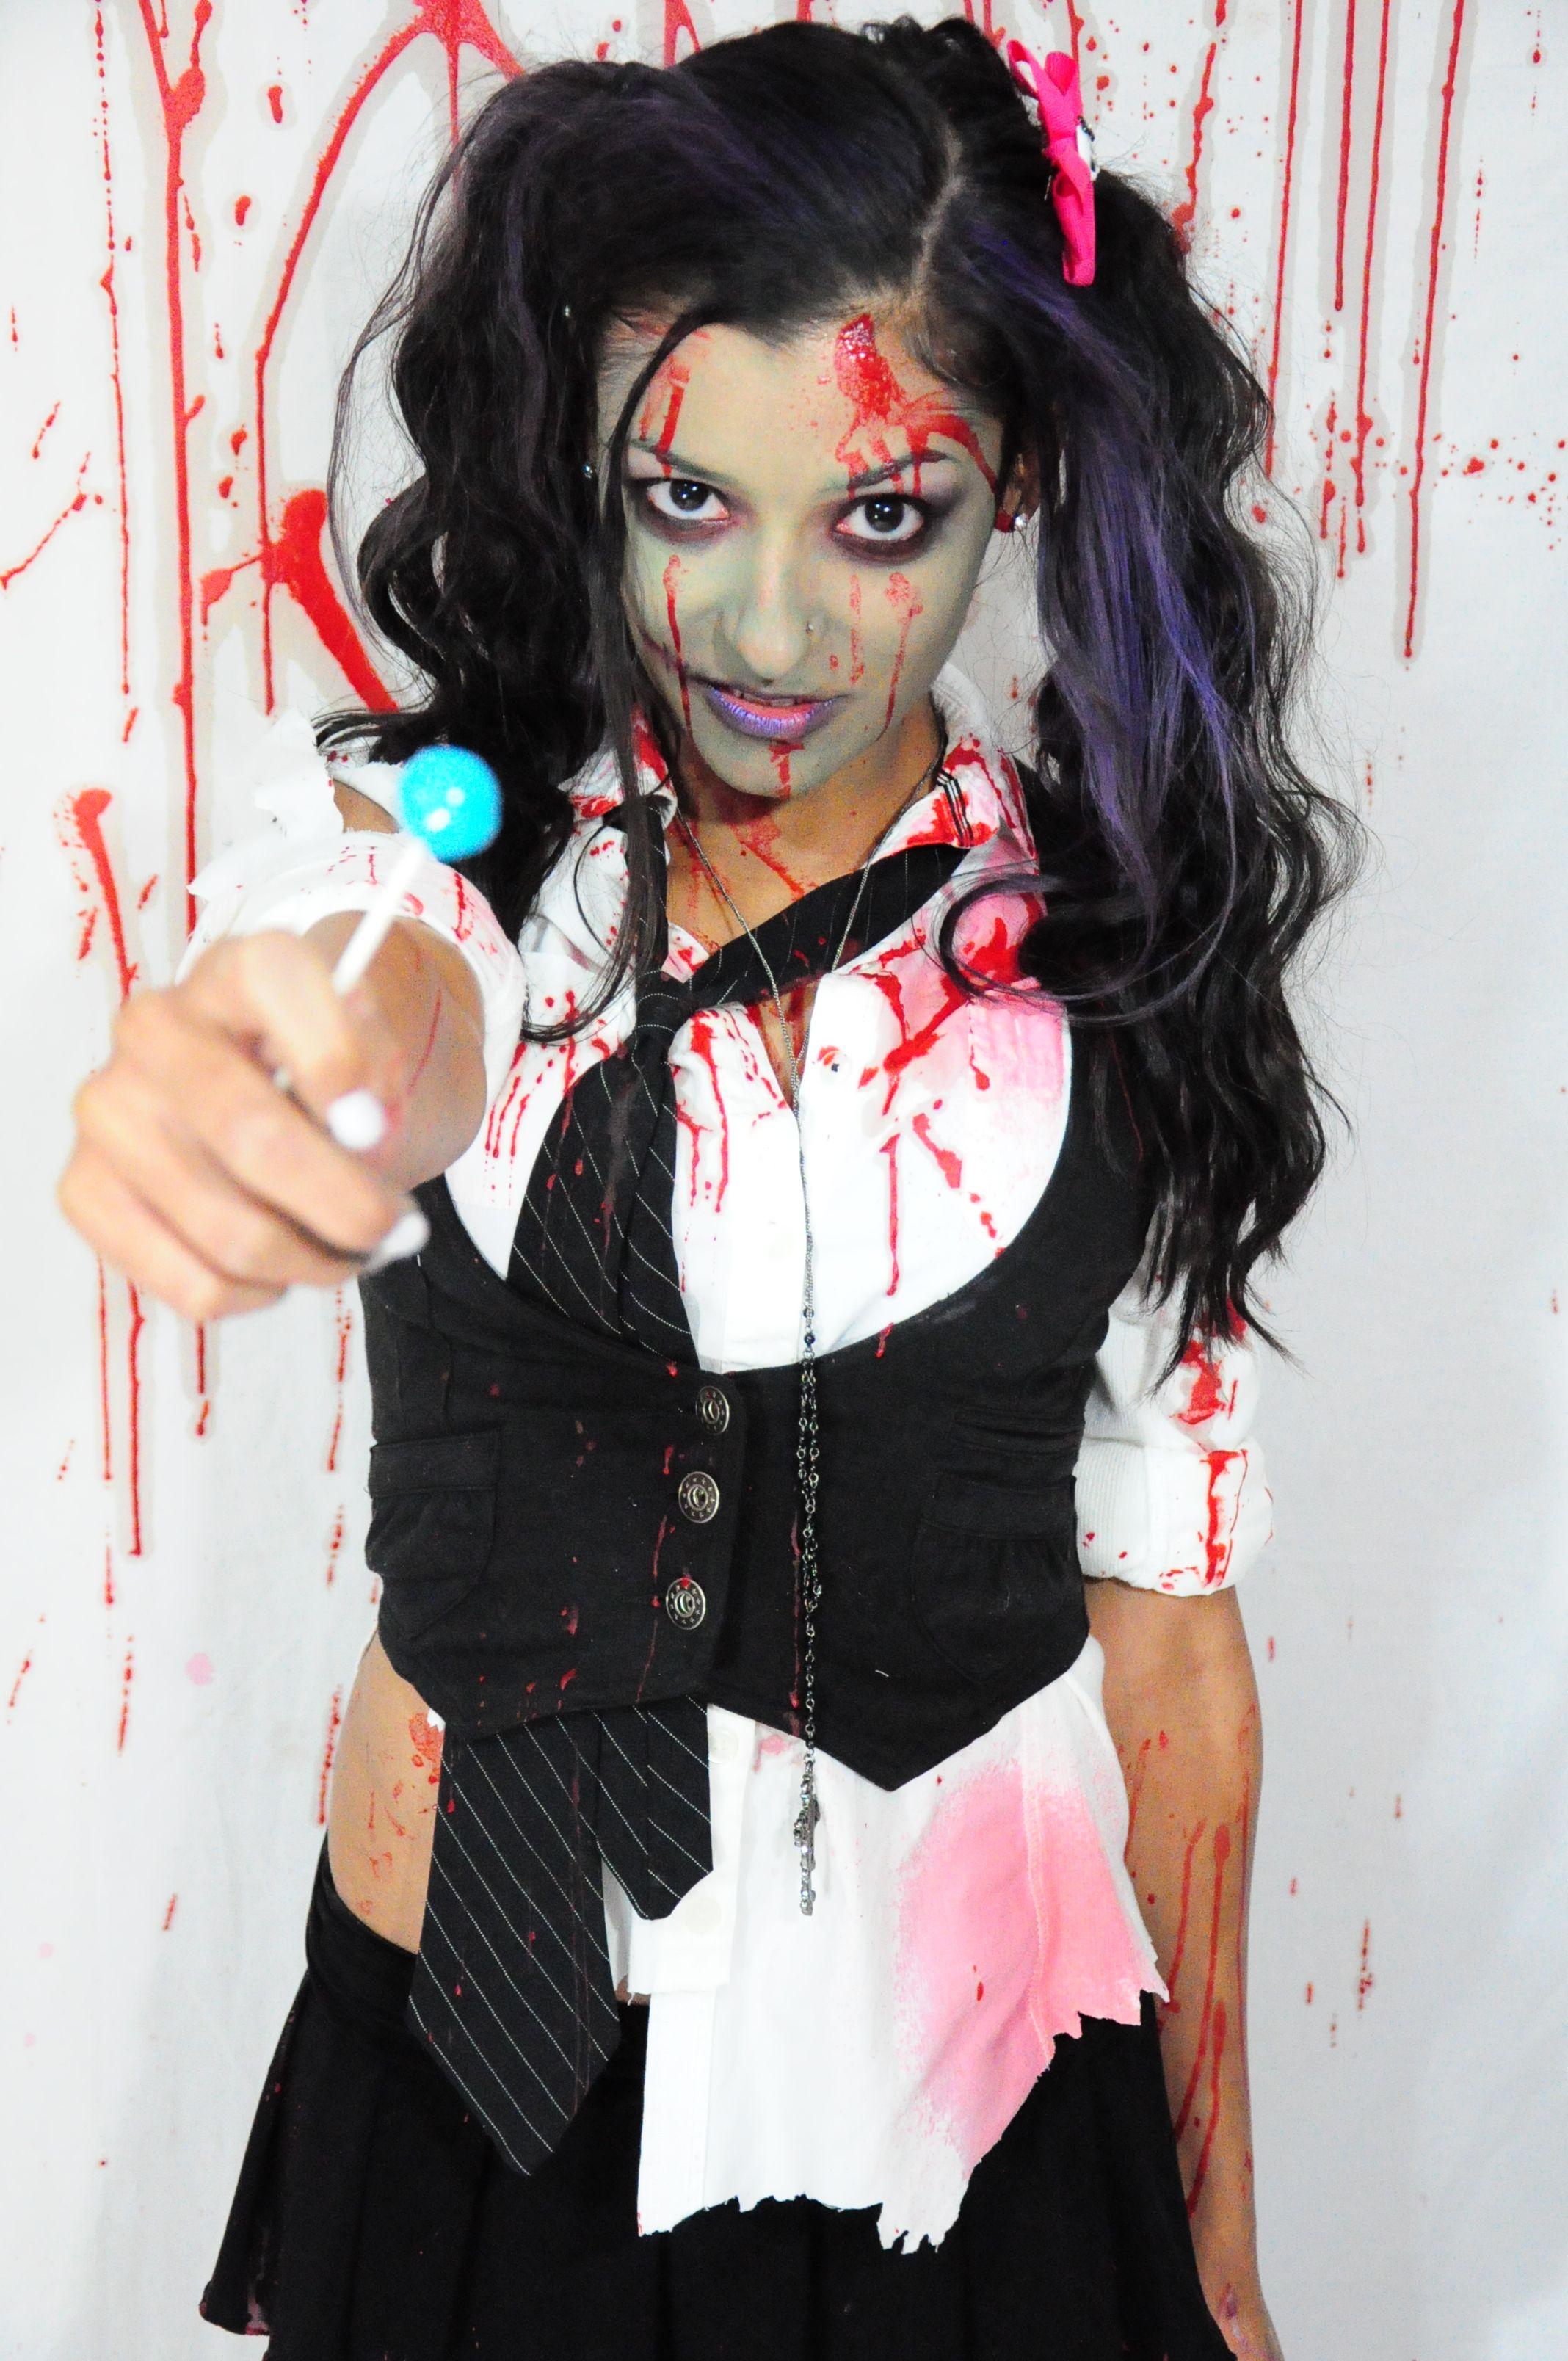 Lollipop zombie school girl Easy Halloween Costumes 9802d69d20234